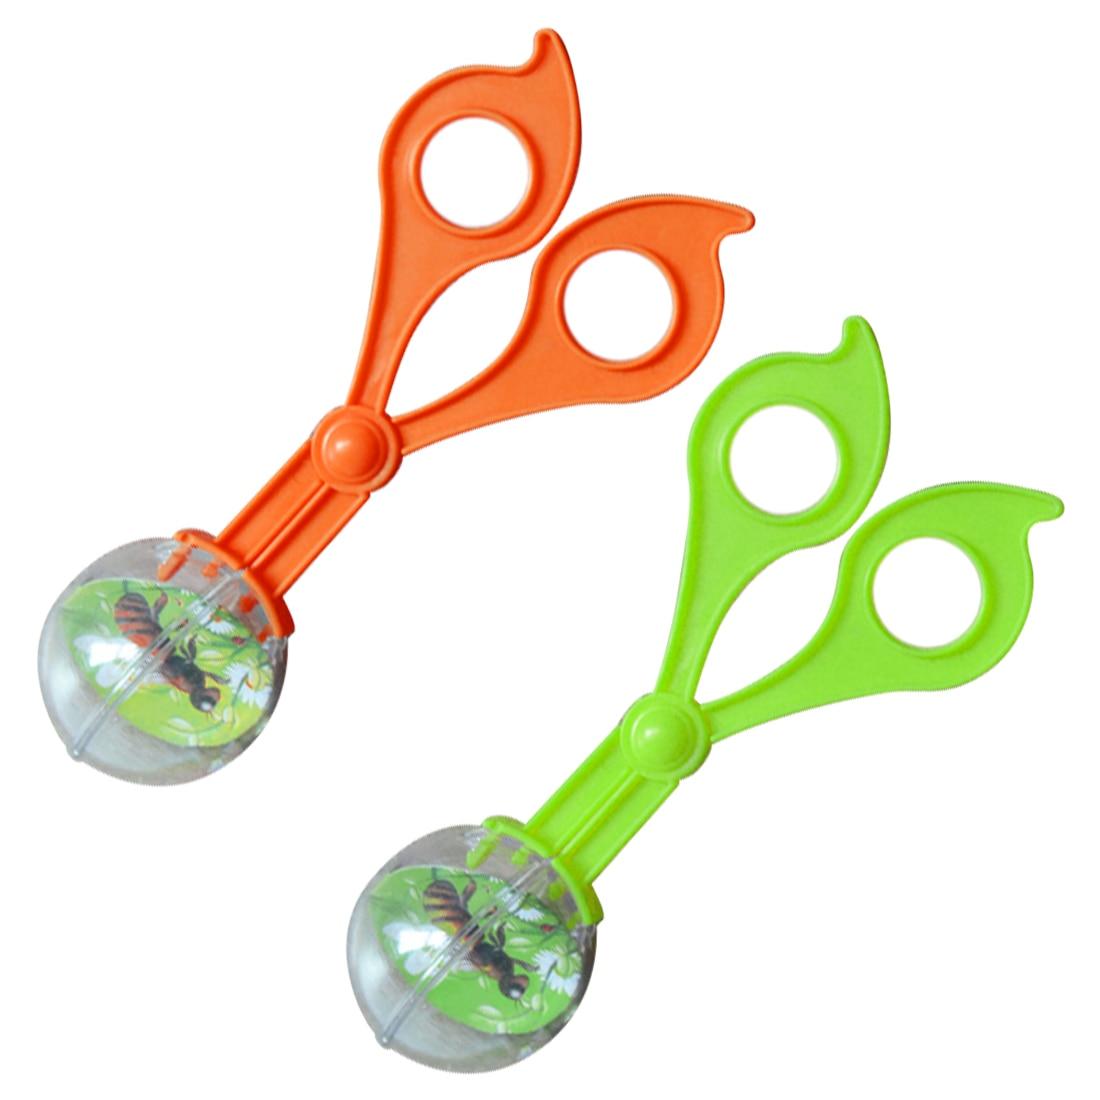 1pc Plastic Bug Insect Catcher Scissors Tongs Tweezers For Kids Children Toy Handy Tool